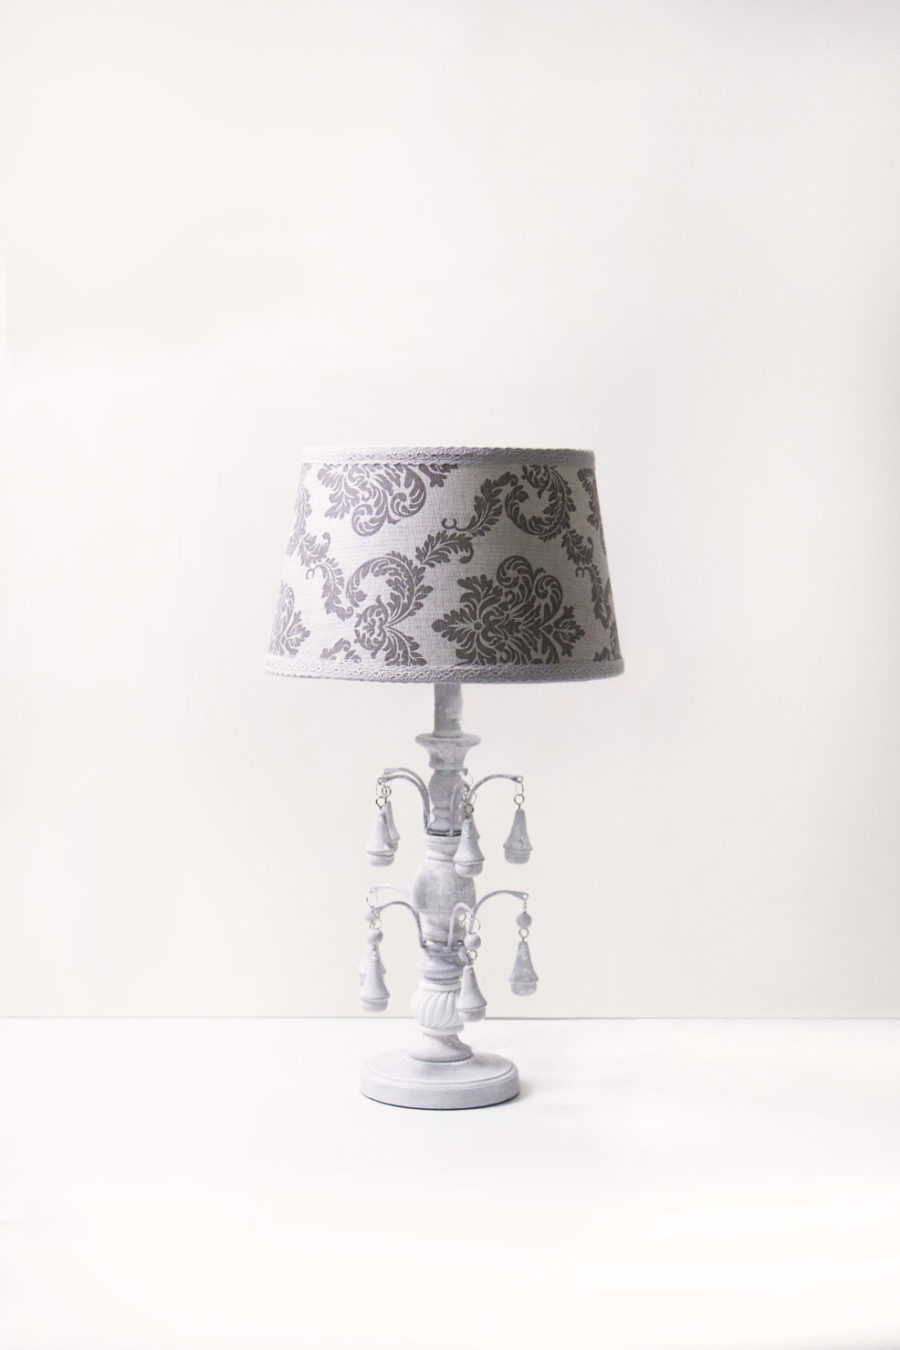 lampada-da-tavolo-con-paralume-damascato-stile-barocco-base-in-legno-con-pendagli-in-ceramica-keyhomestore-8052286784107